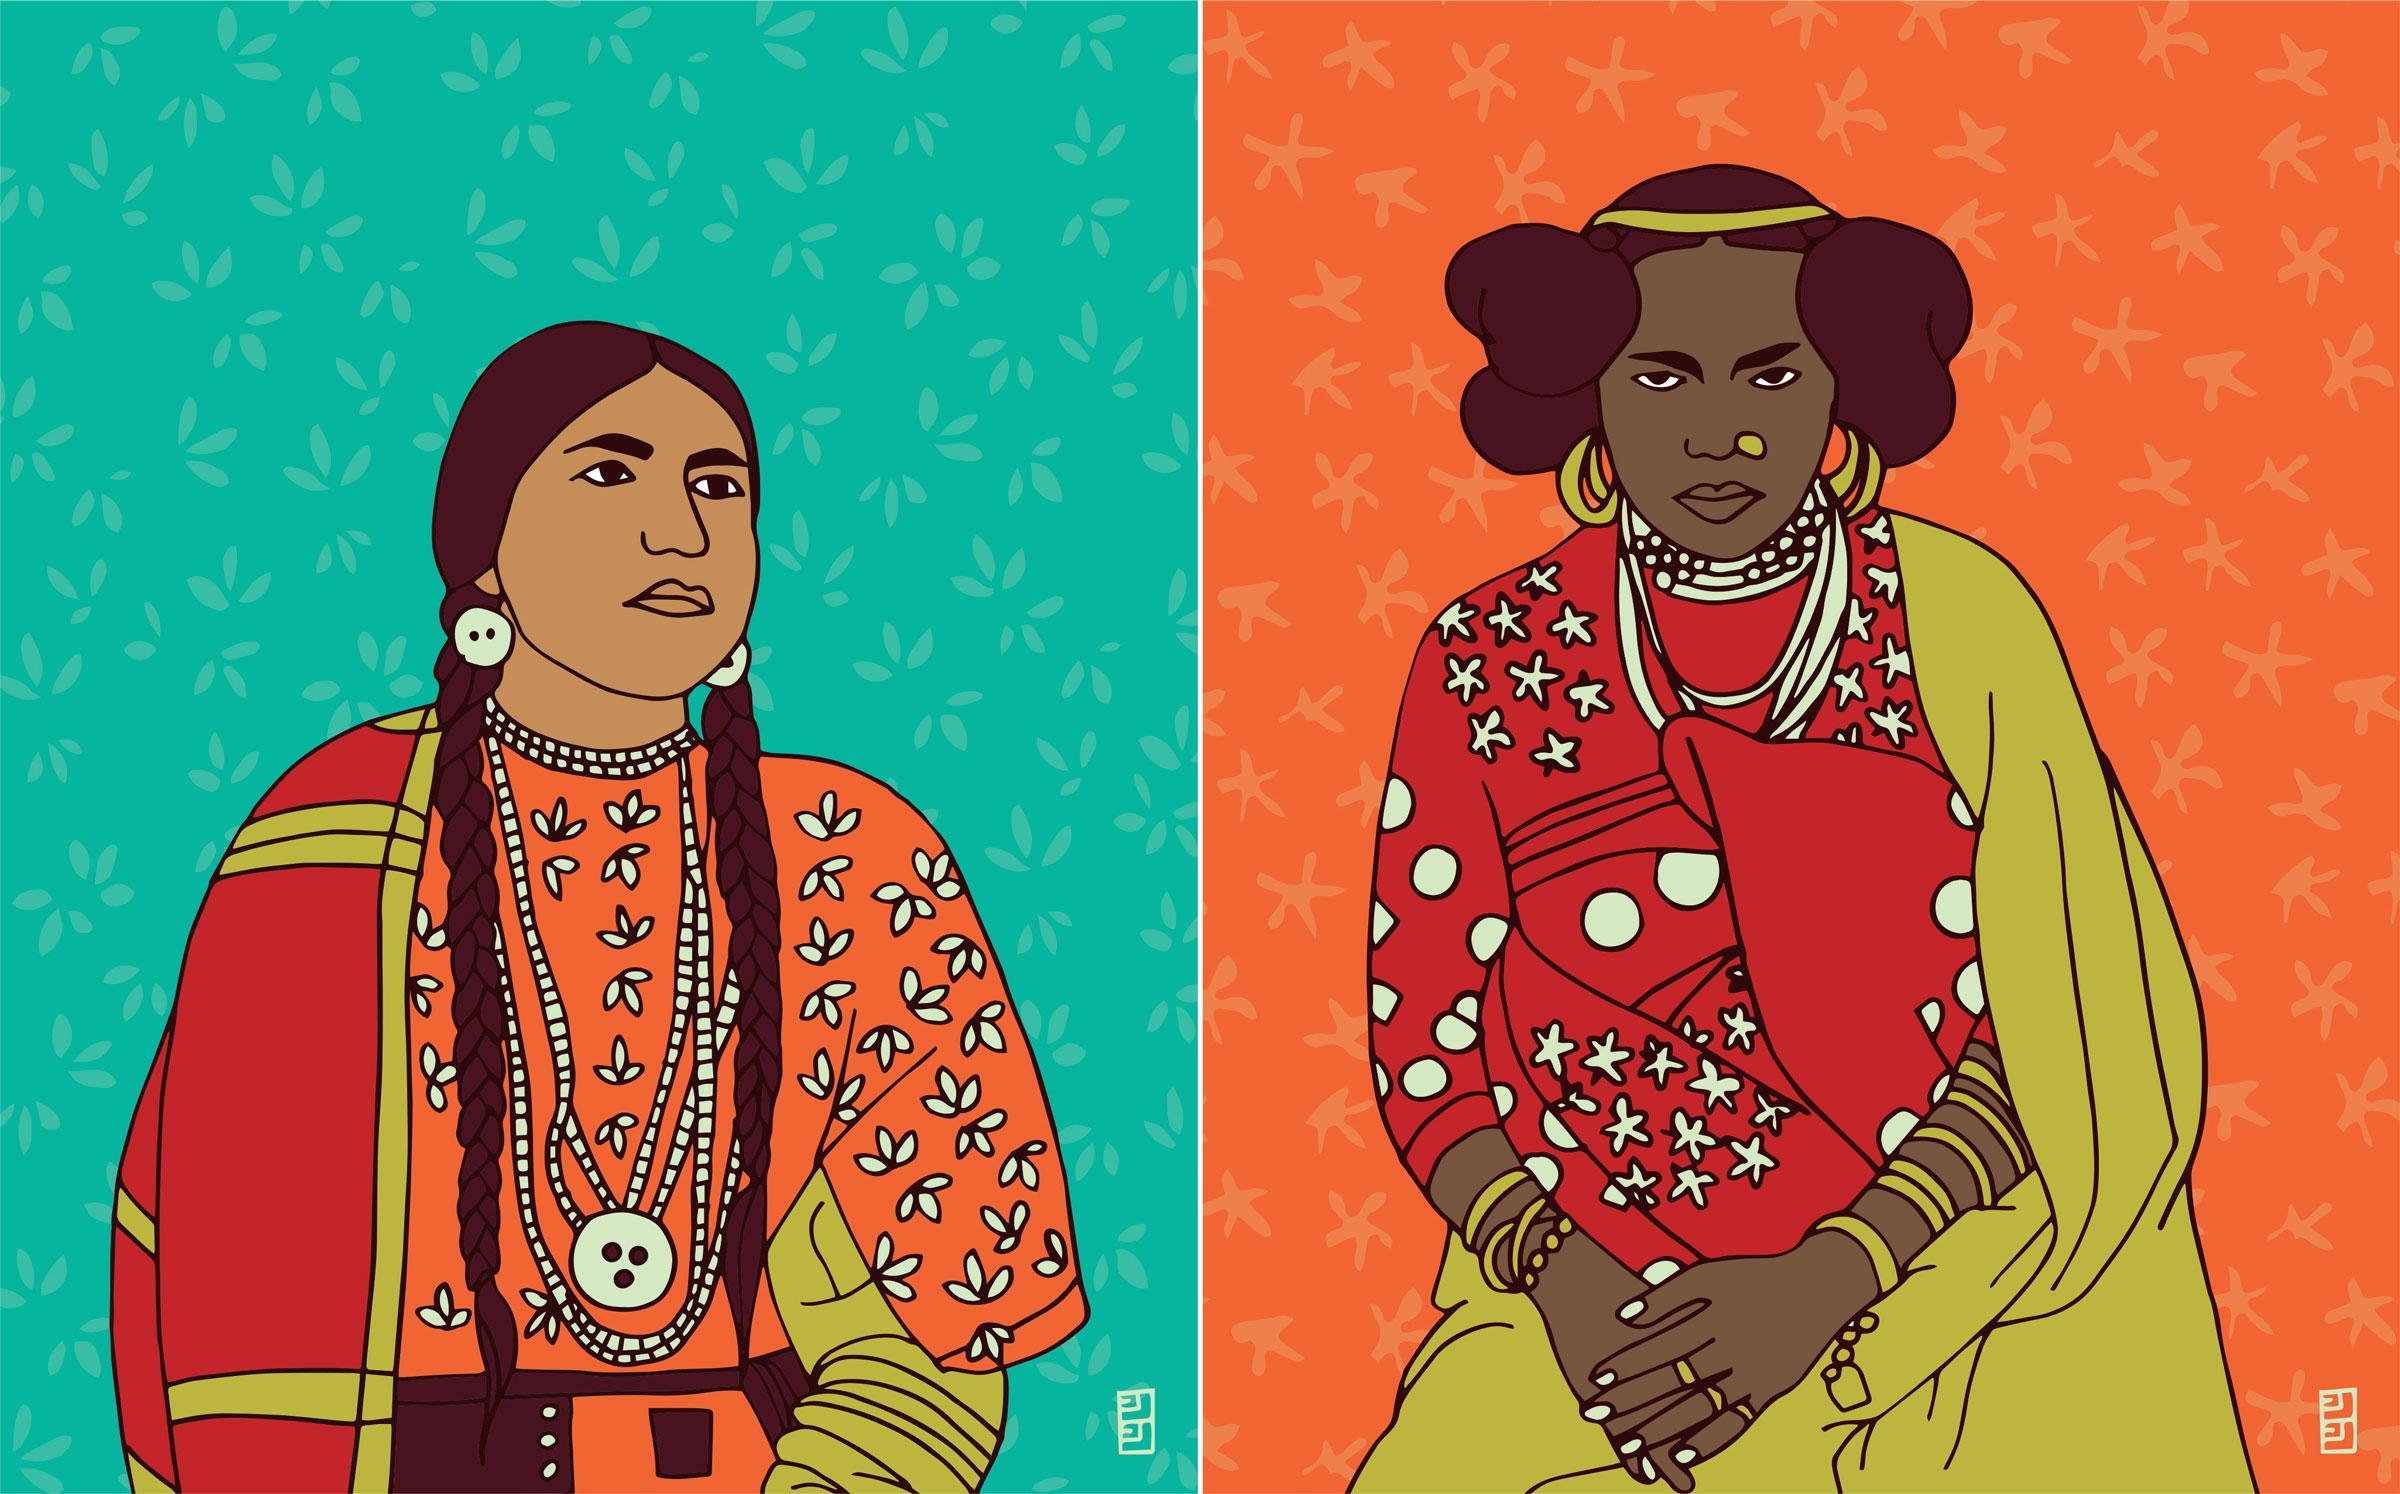 International-Womens-Day-Lulu-Kitololo-Illustrated-Portraits-2